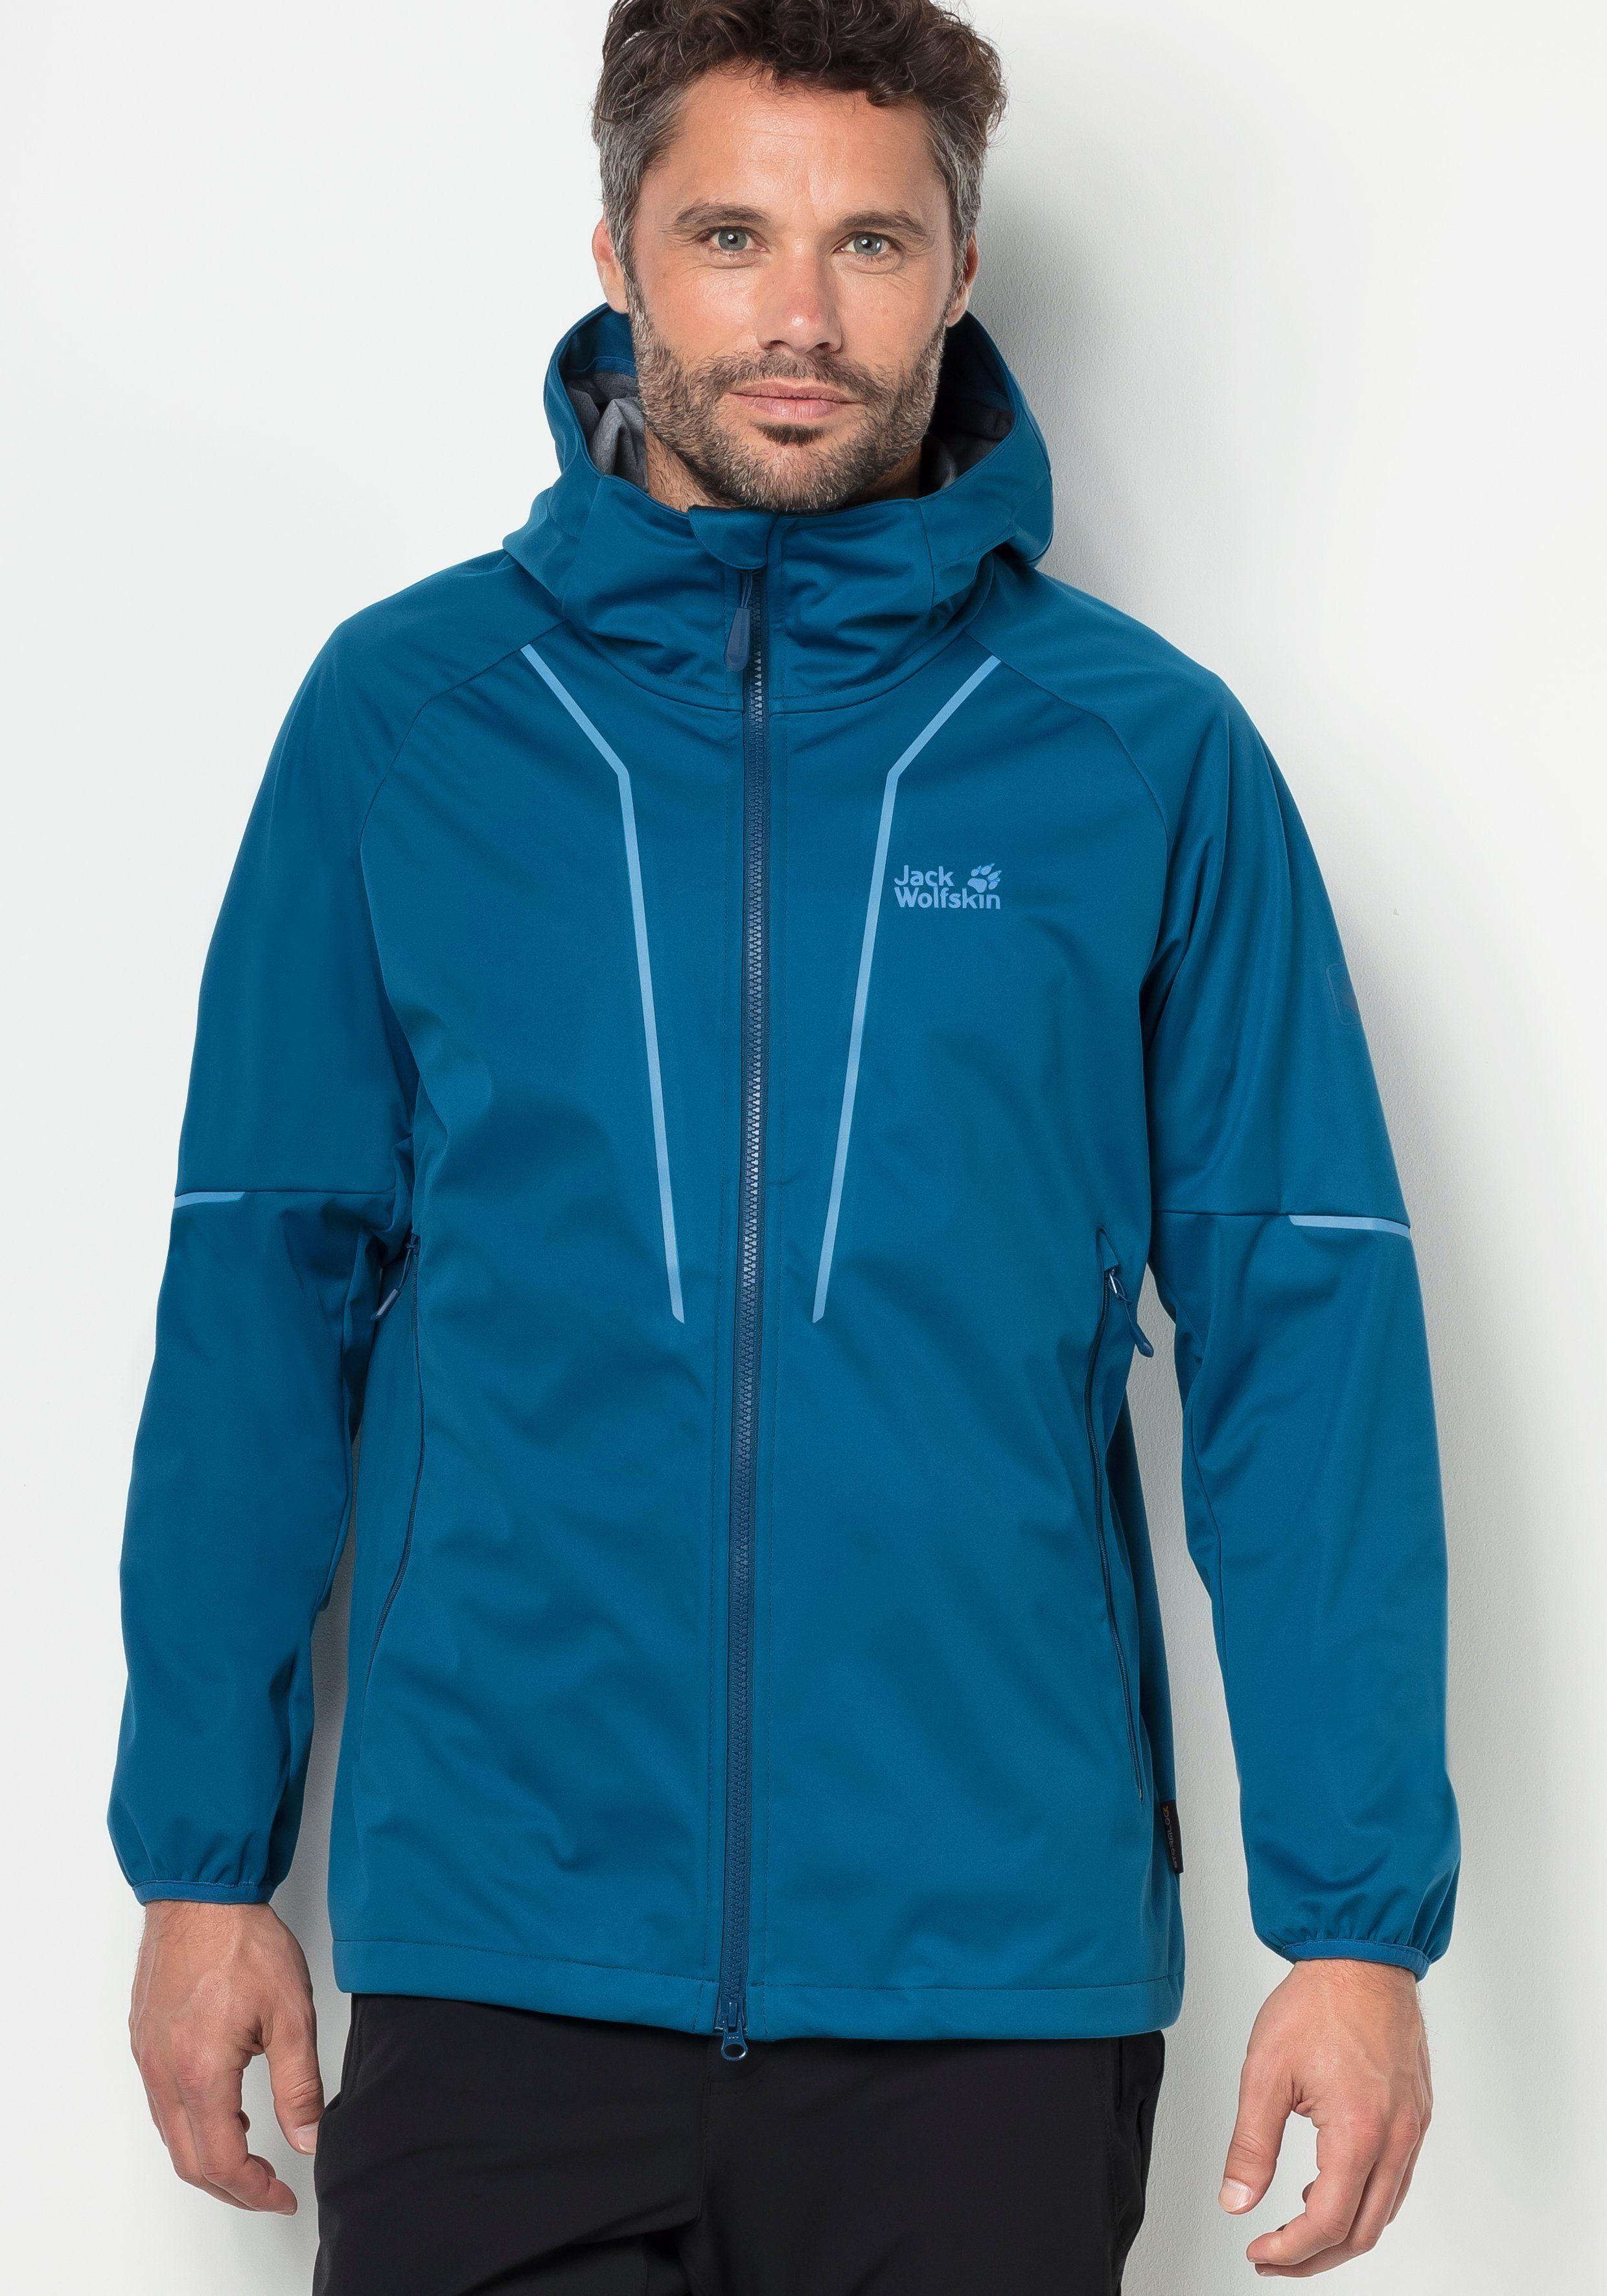 Jack Wolfskin Softshelljacke Green Valley Jacket Men Jetzt Bestellen Unter Https Mode Ladendirekt De Herren Bekleidung Jacken Manner Outfit Manner Jacken